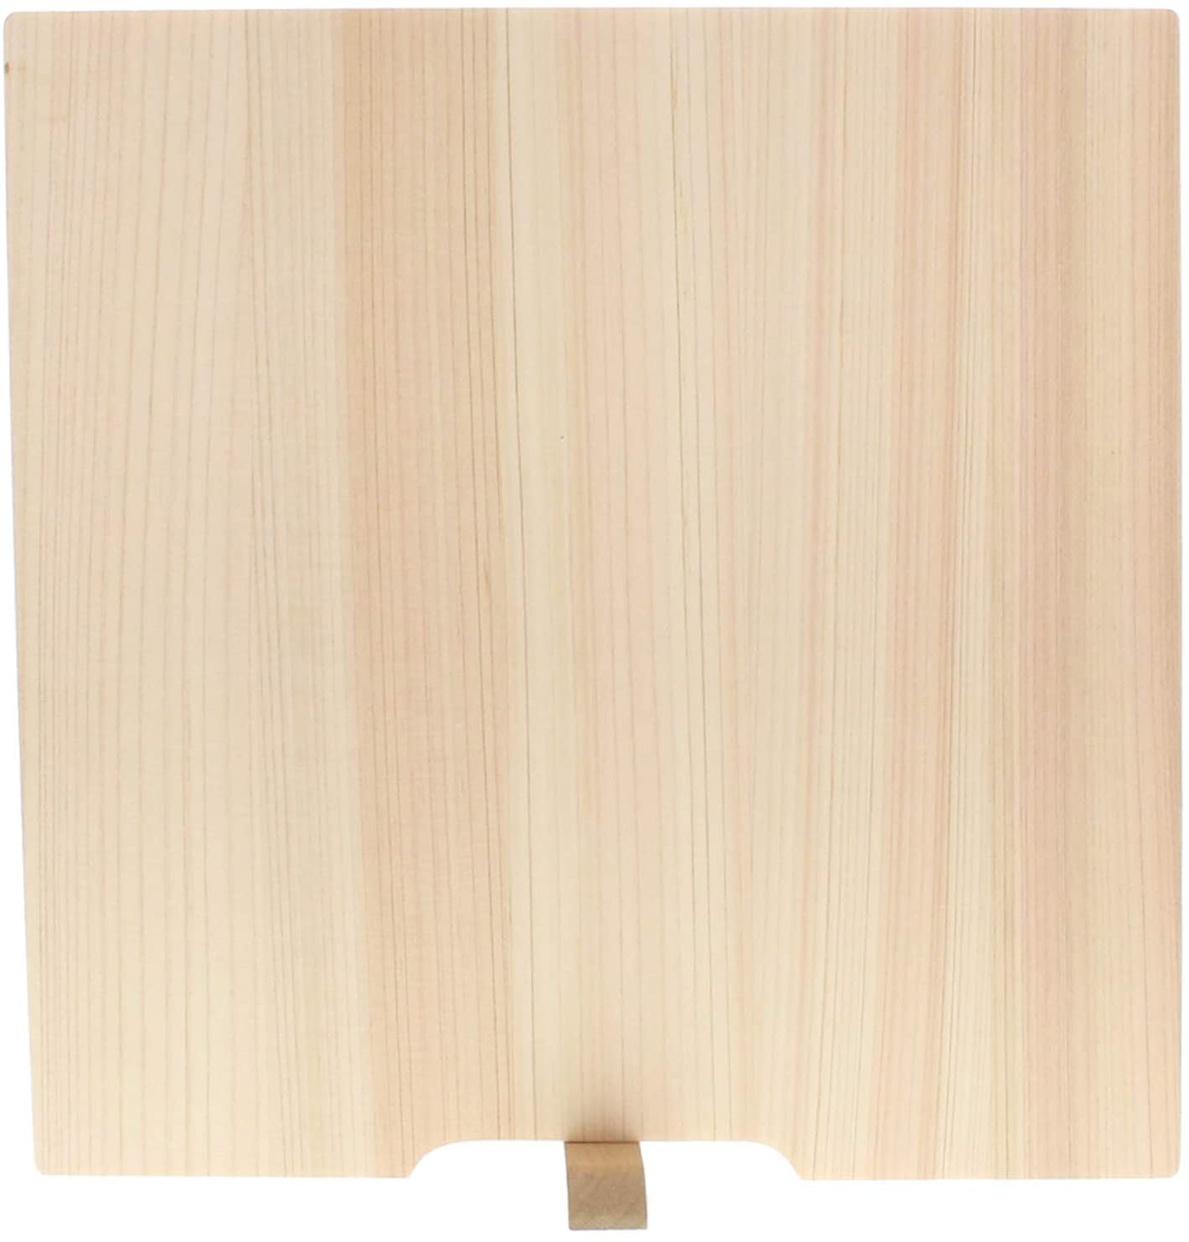 土佐龍(トサリュウ) 四万十ひのきスタンド付き まな板の商品画像